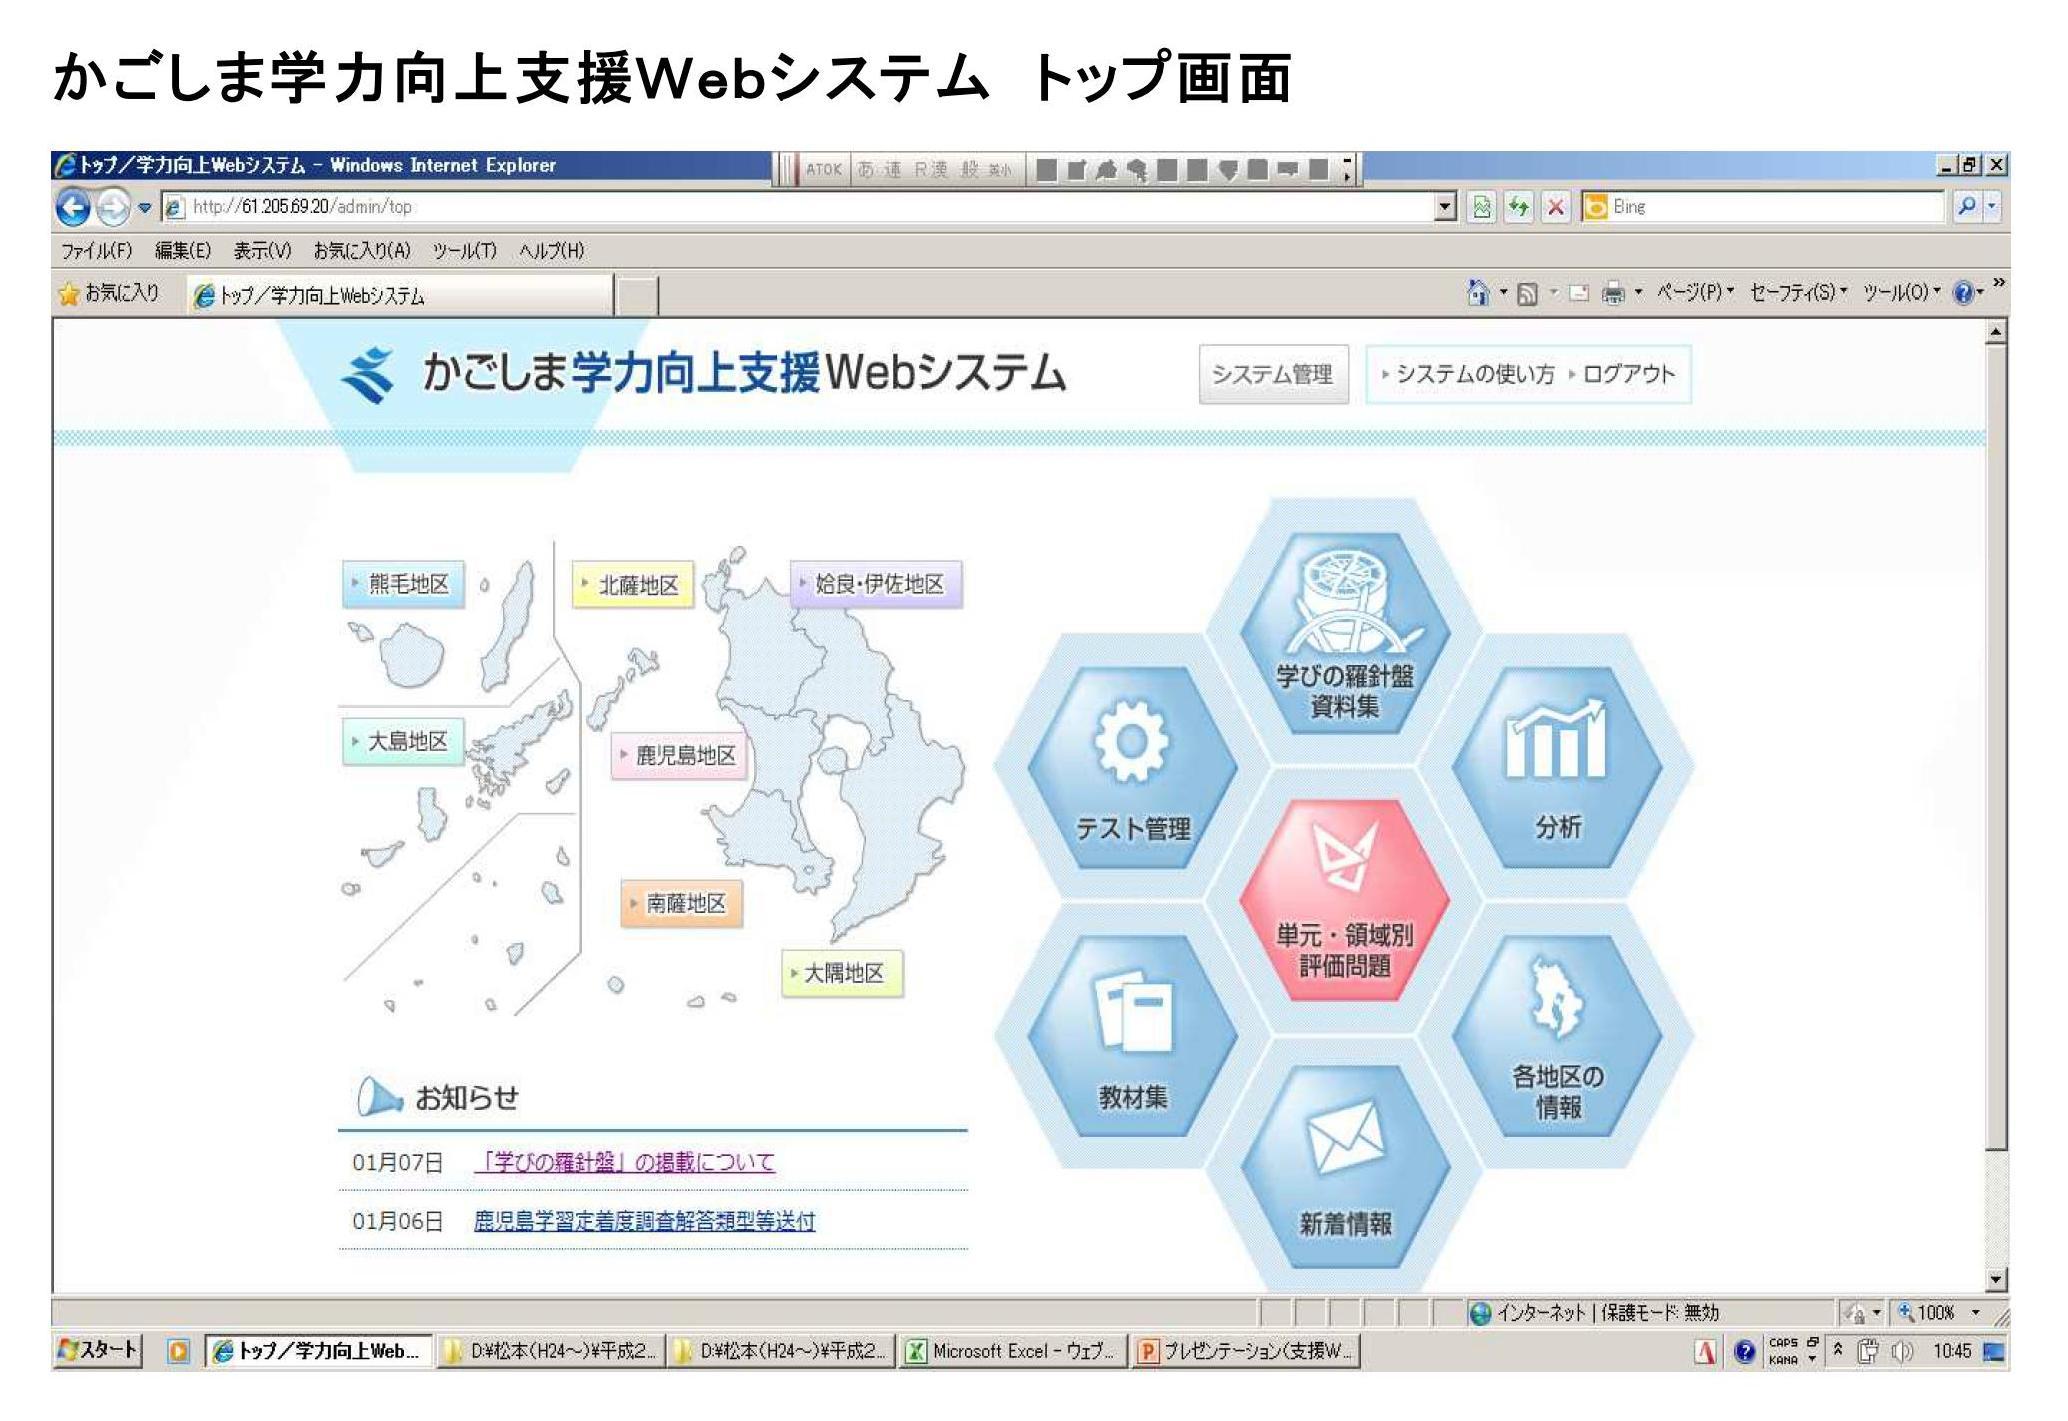 沖縄 県 学力 向上 web